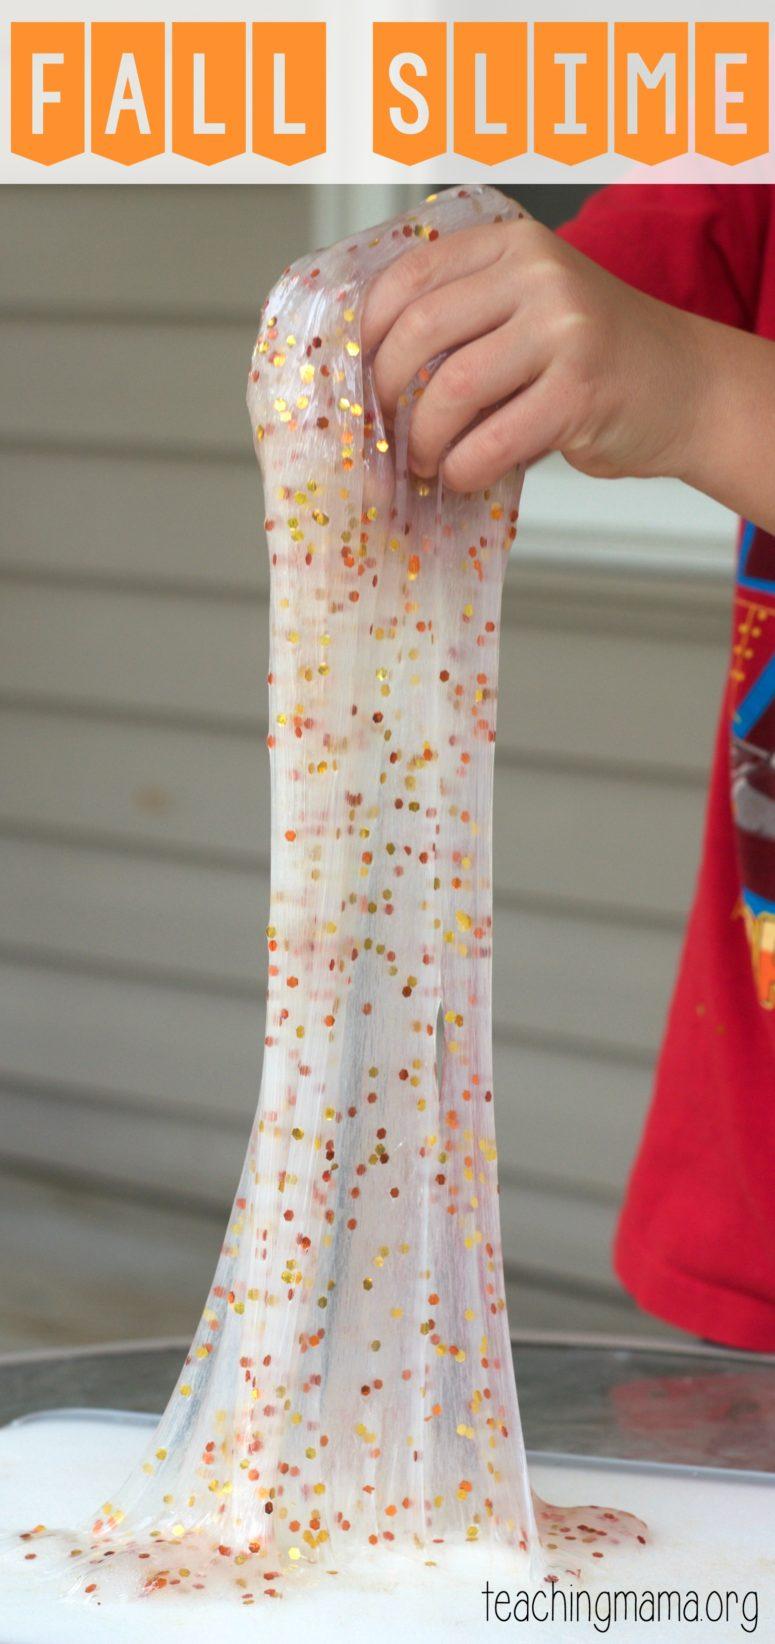 DIY fall slime with fall-colored confetti (via teachingmama.org)